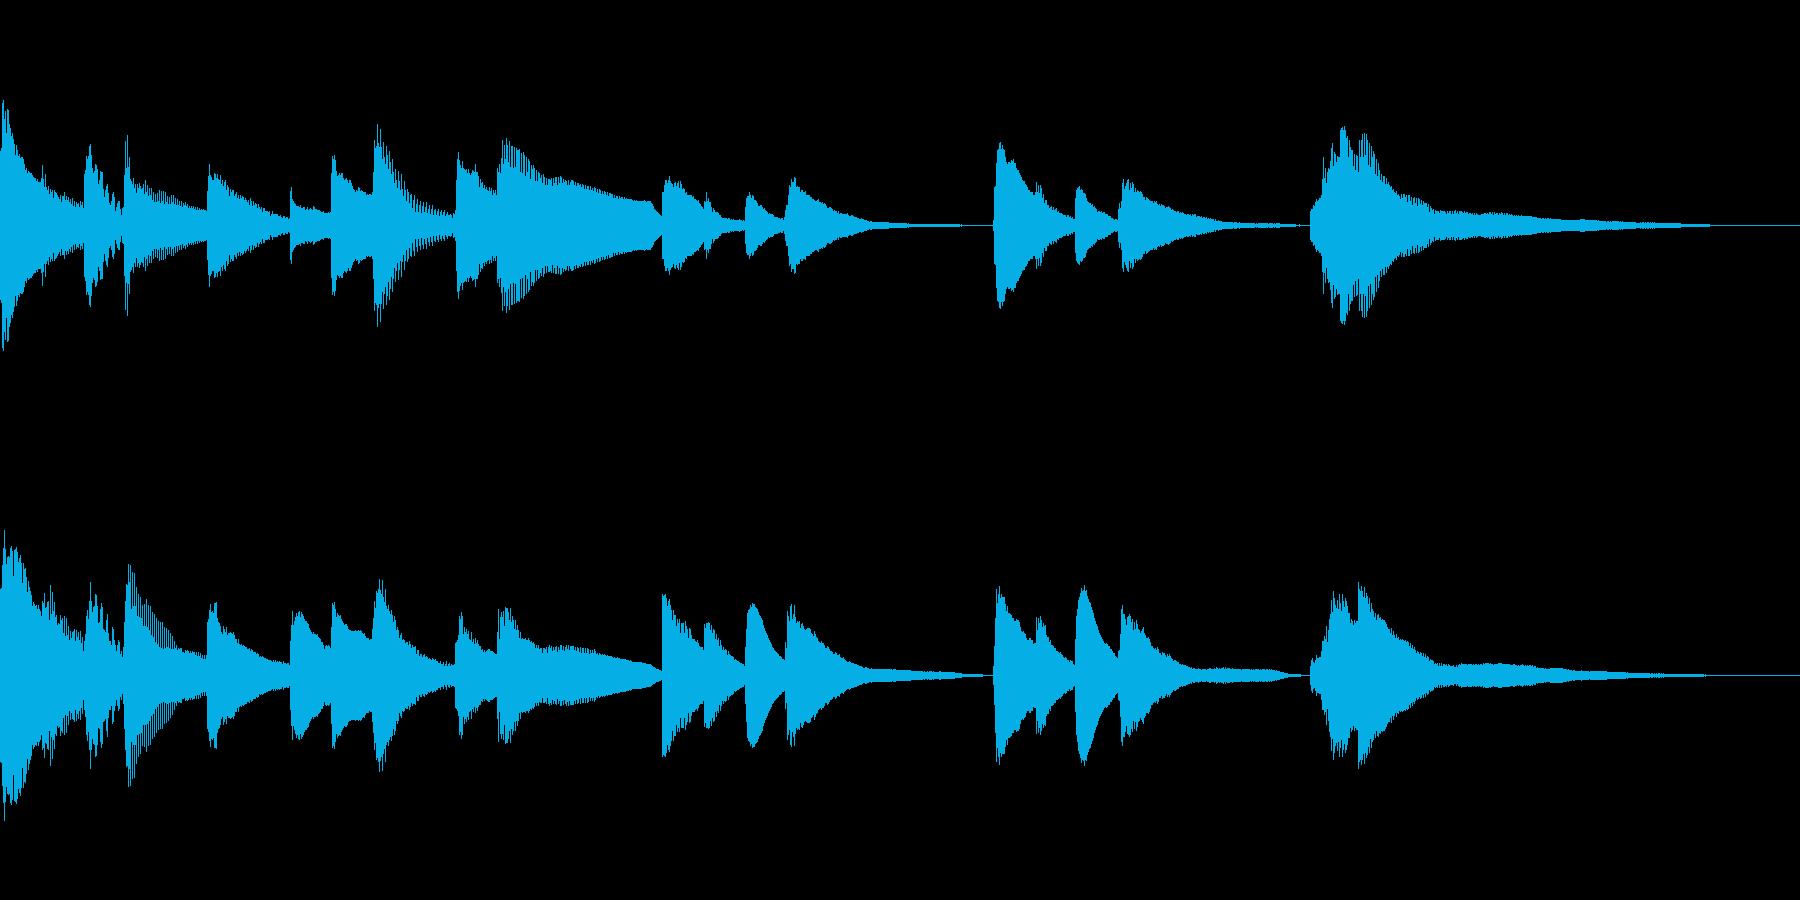 切ないバラードのBGMの再生済みの波形